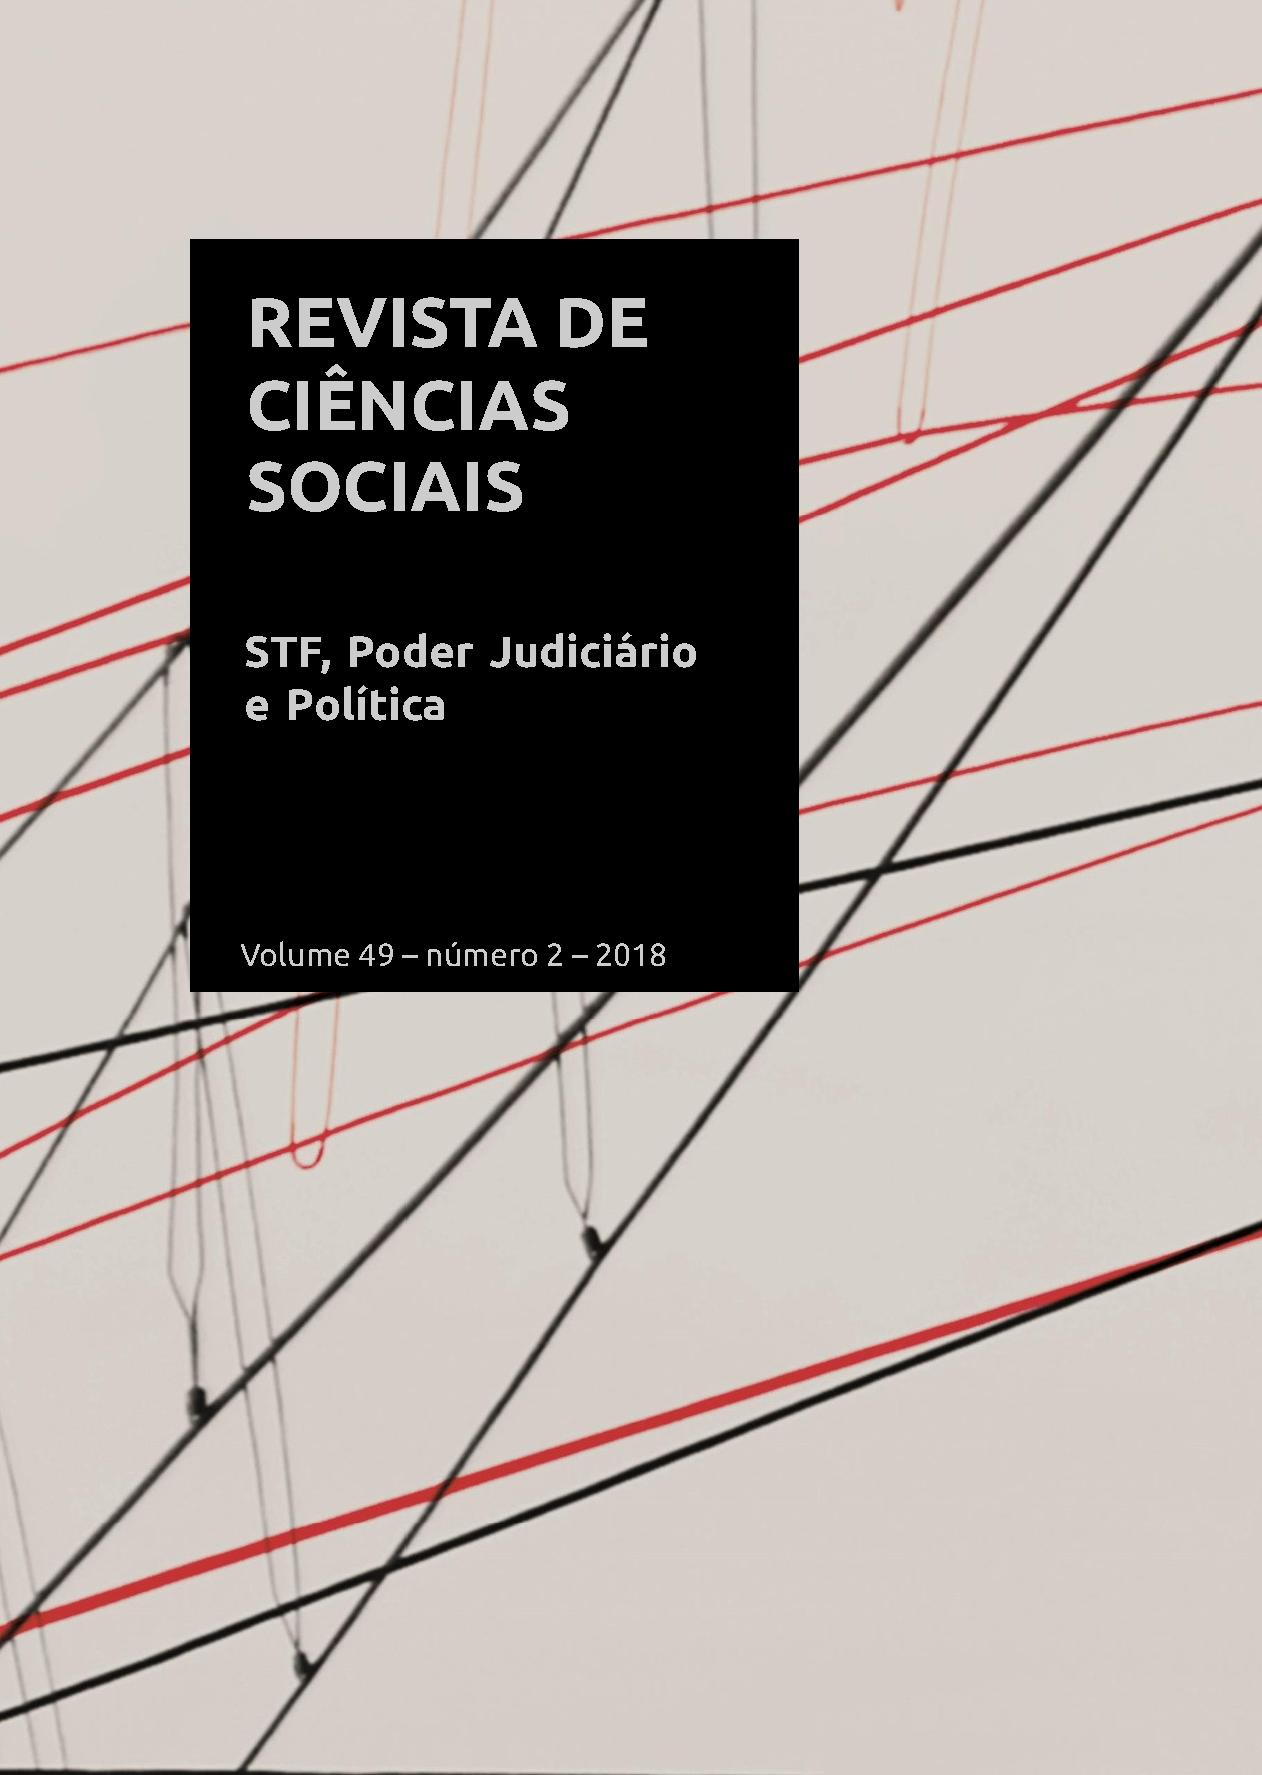 STF, Poder Judiciário e Política